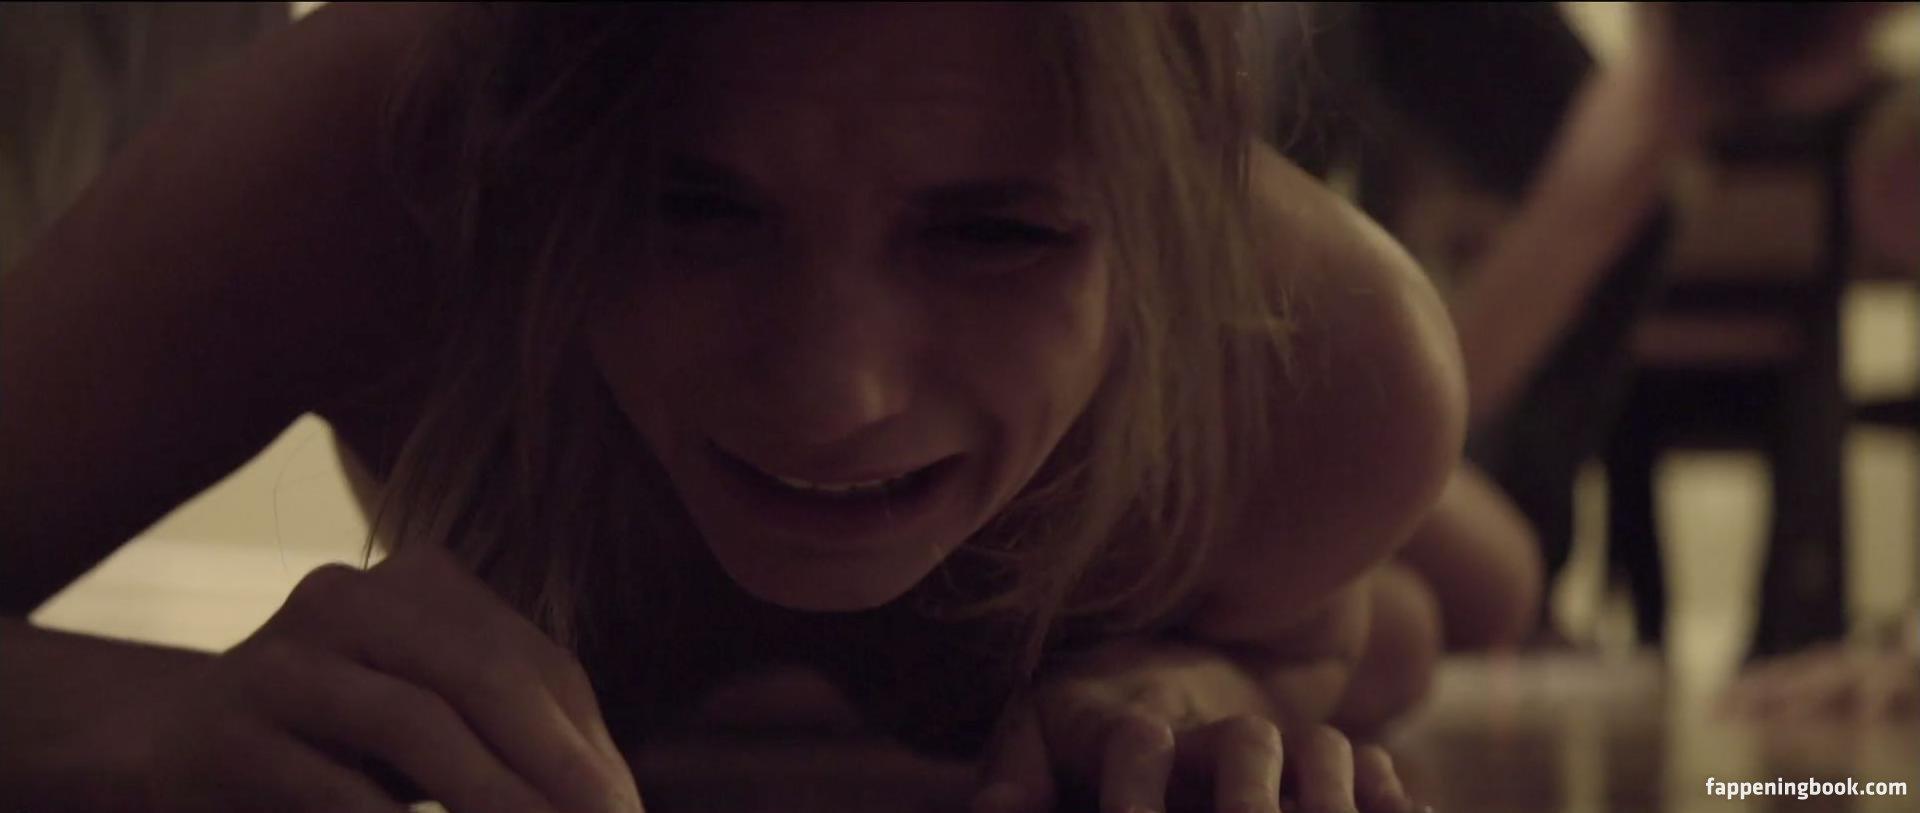 Clare Niederpruem Nude